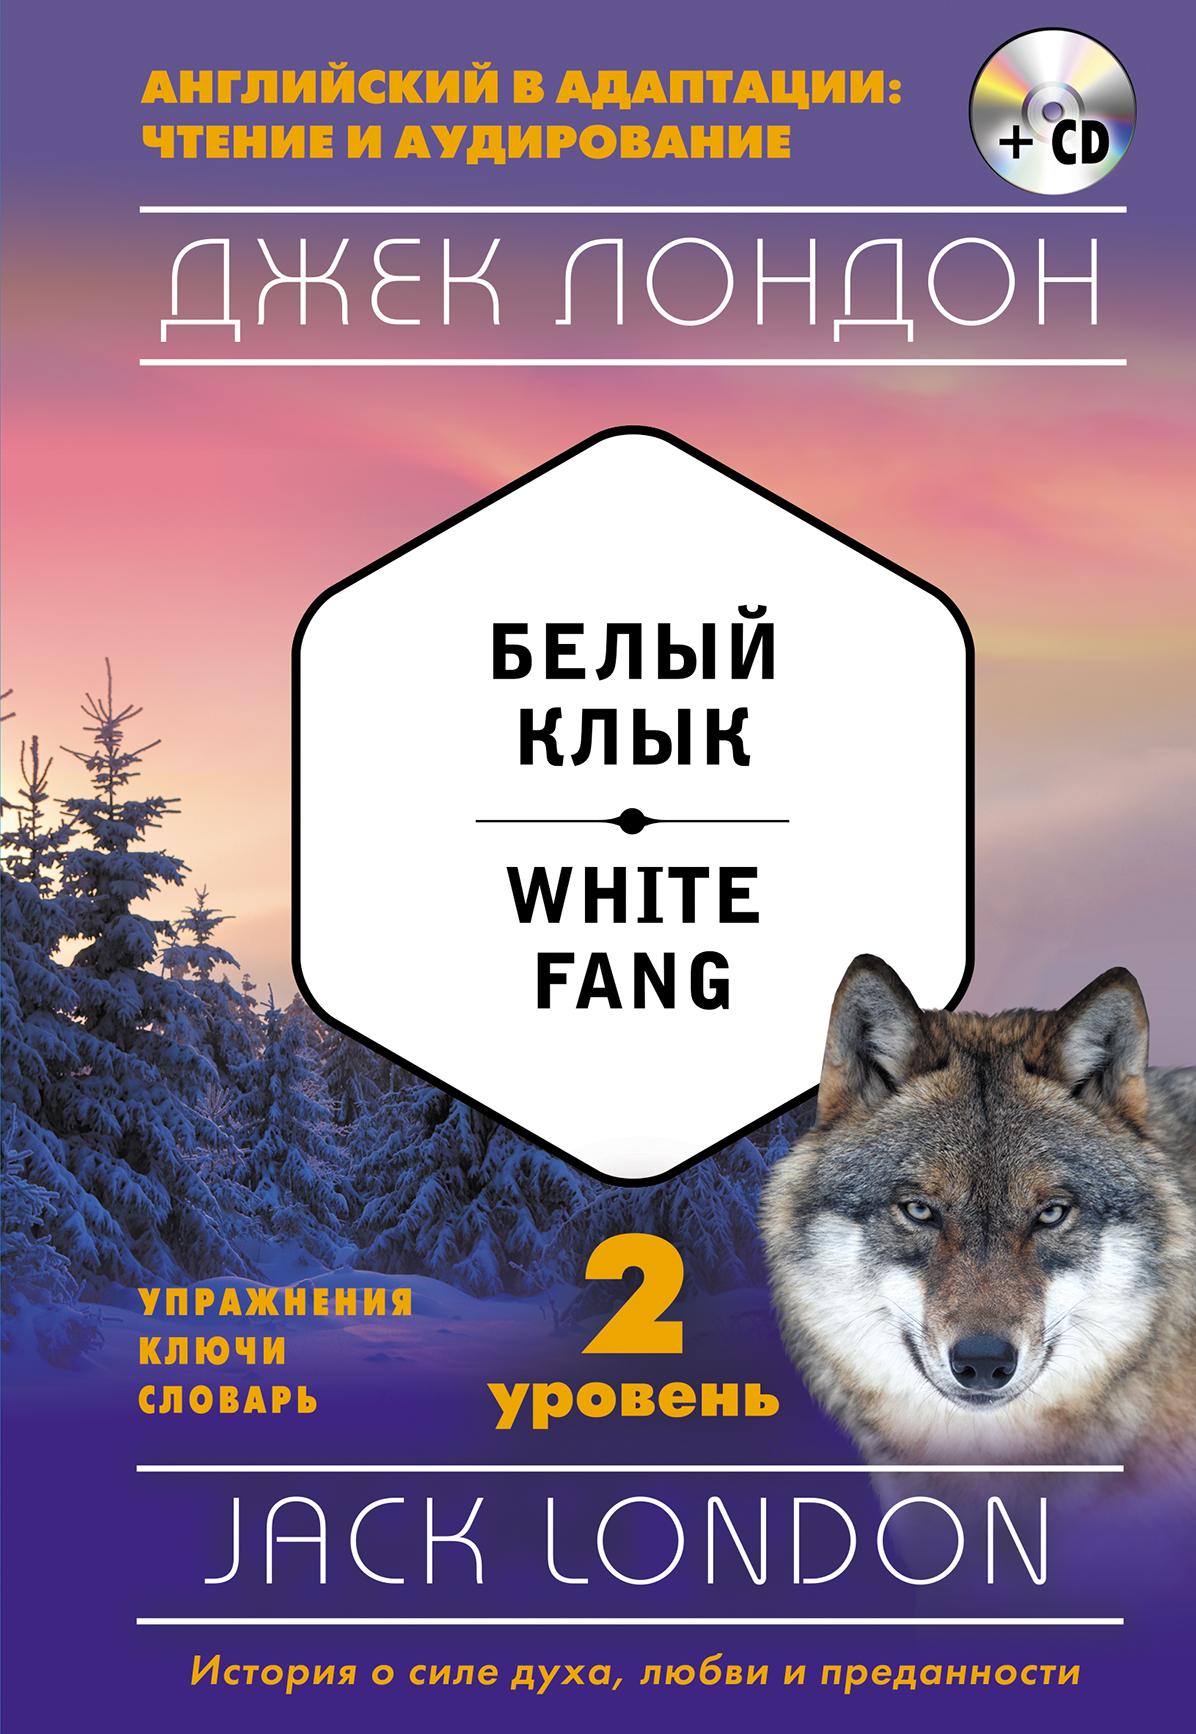 Джек Лондон Белый Клык. Уровень 2 / White Fang: Level 2 (+ CD) английский язык играй и говори уровень 2 english play and say level 2 cd